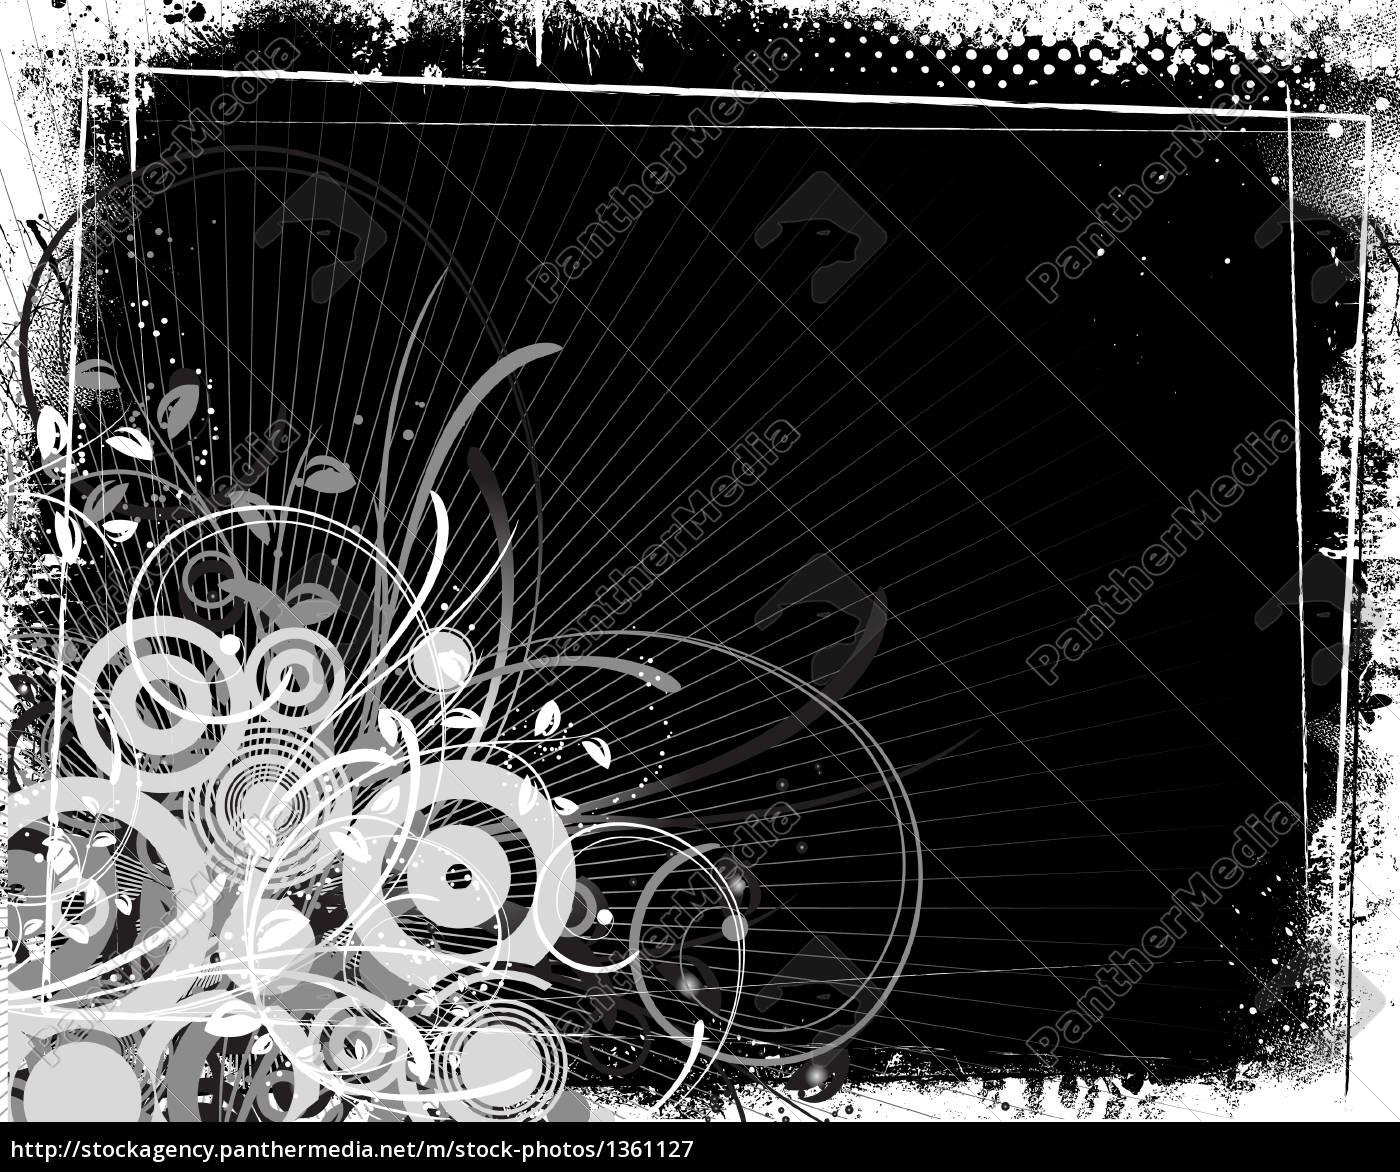 grunge, background - 1361127